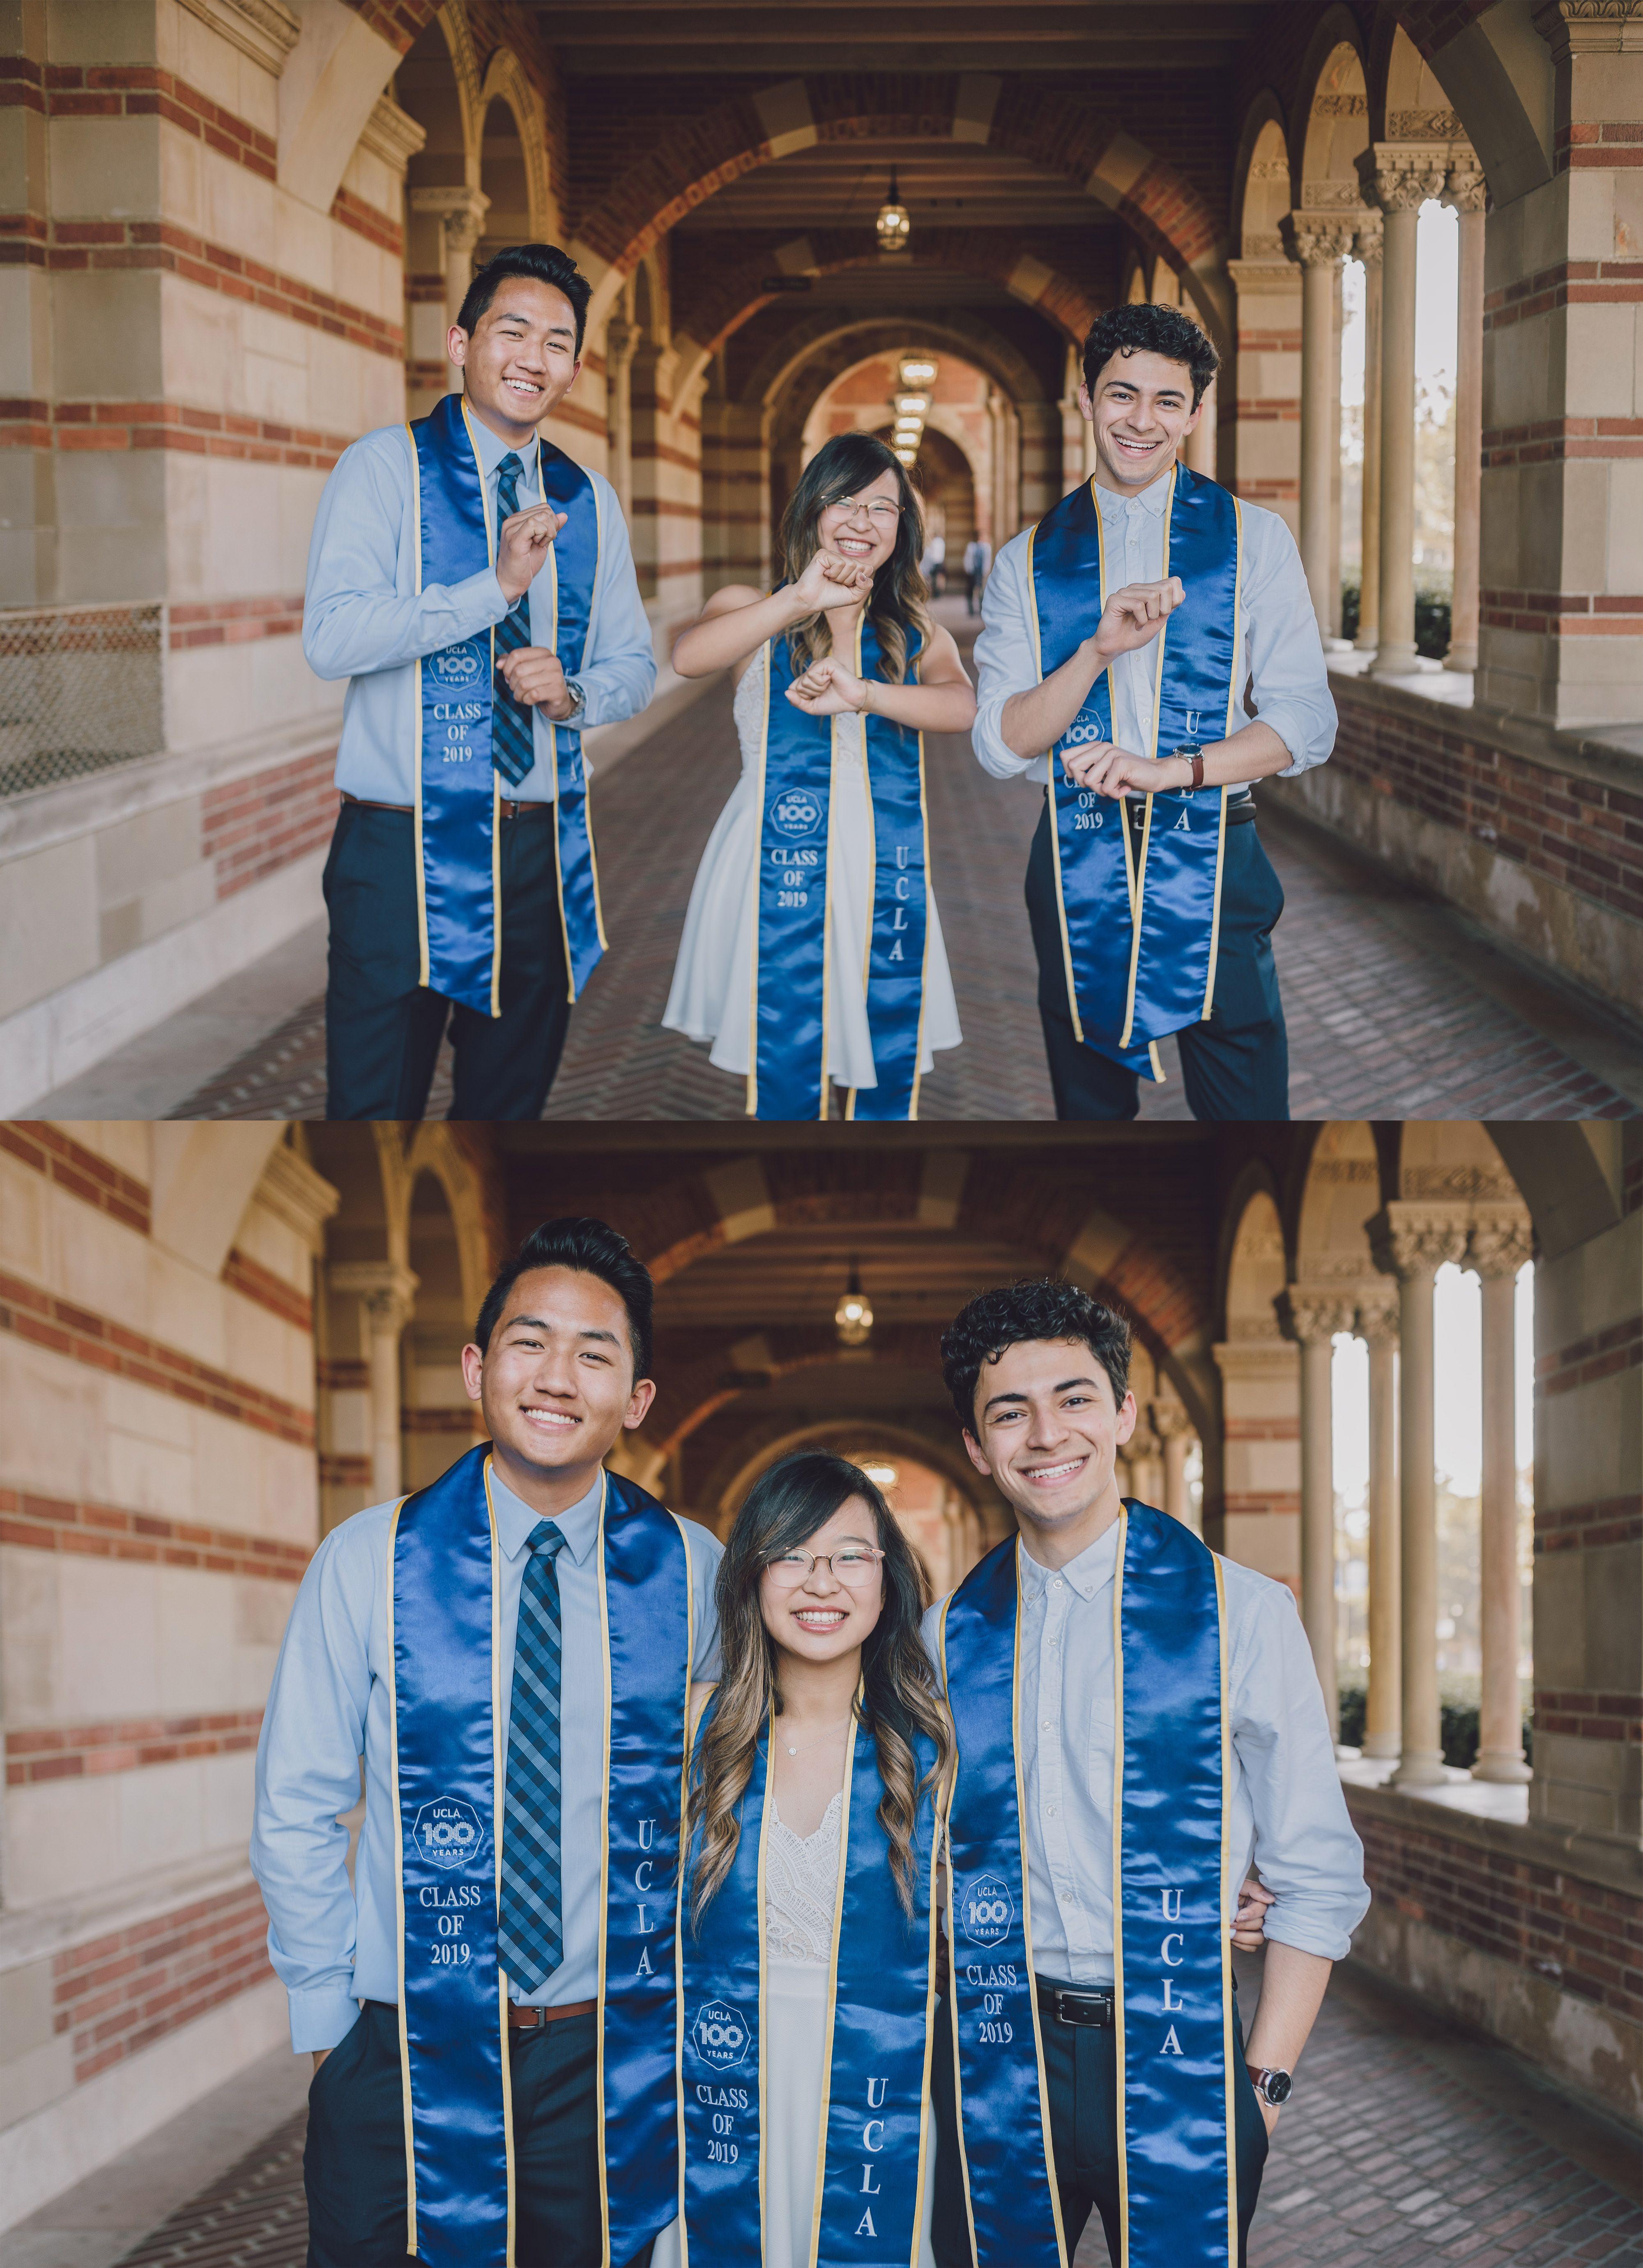 Ucla Graduation With Best Friends Los Angeles California Graduation Portraits California Wedding Portrait